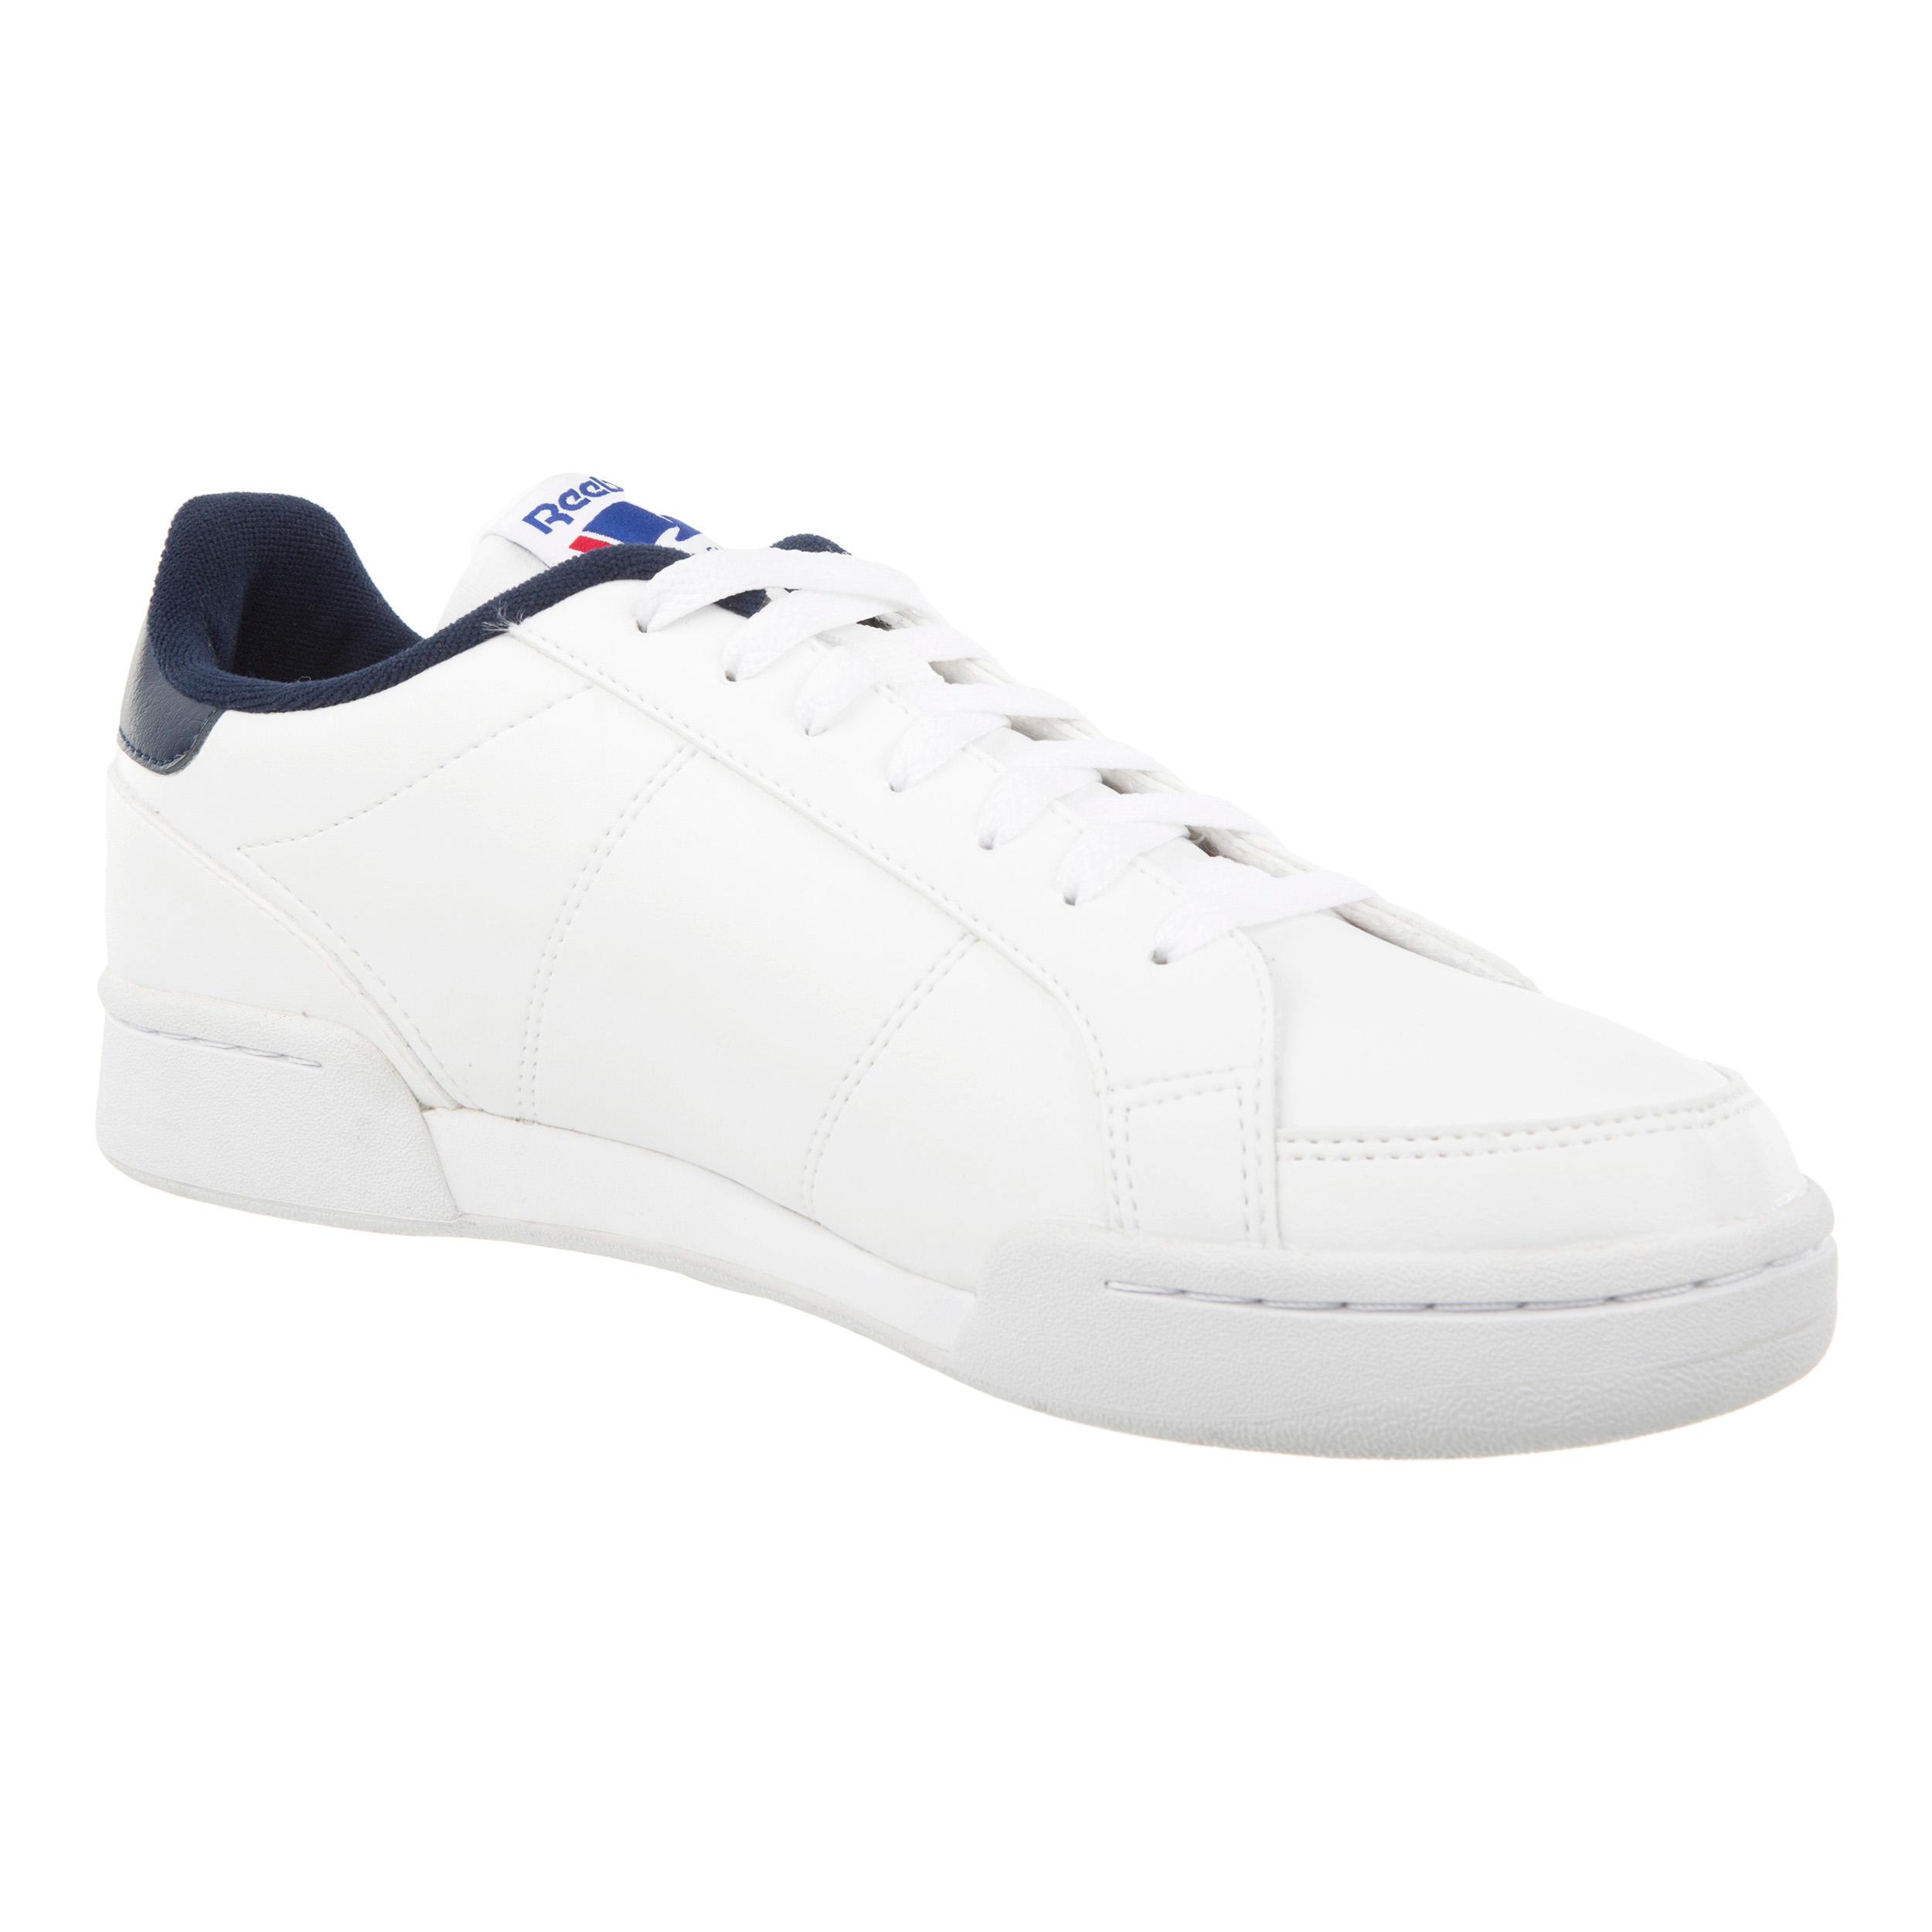 Tennisschoenen Reebok Royal Belief wit